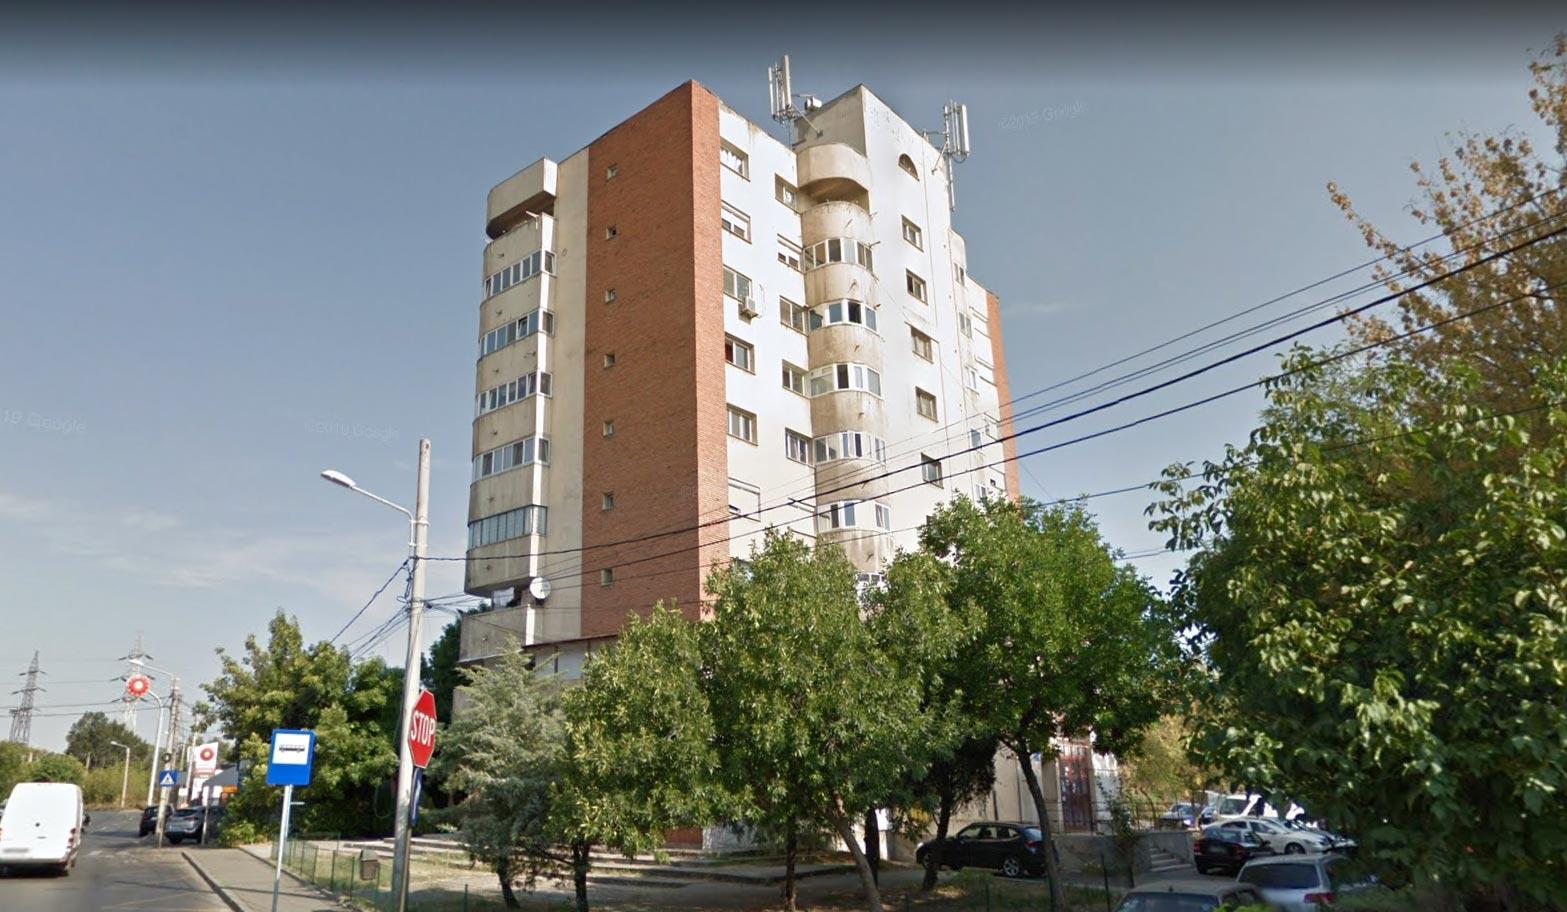 Apartament 4 camere, 98,23mp, Craiova, jud. Dolj